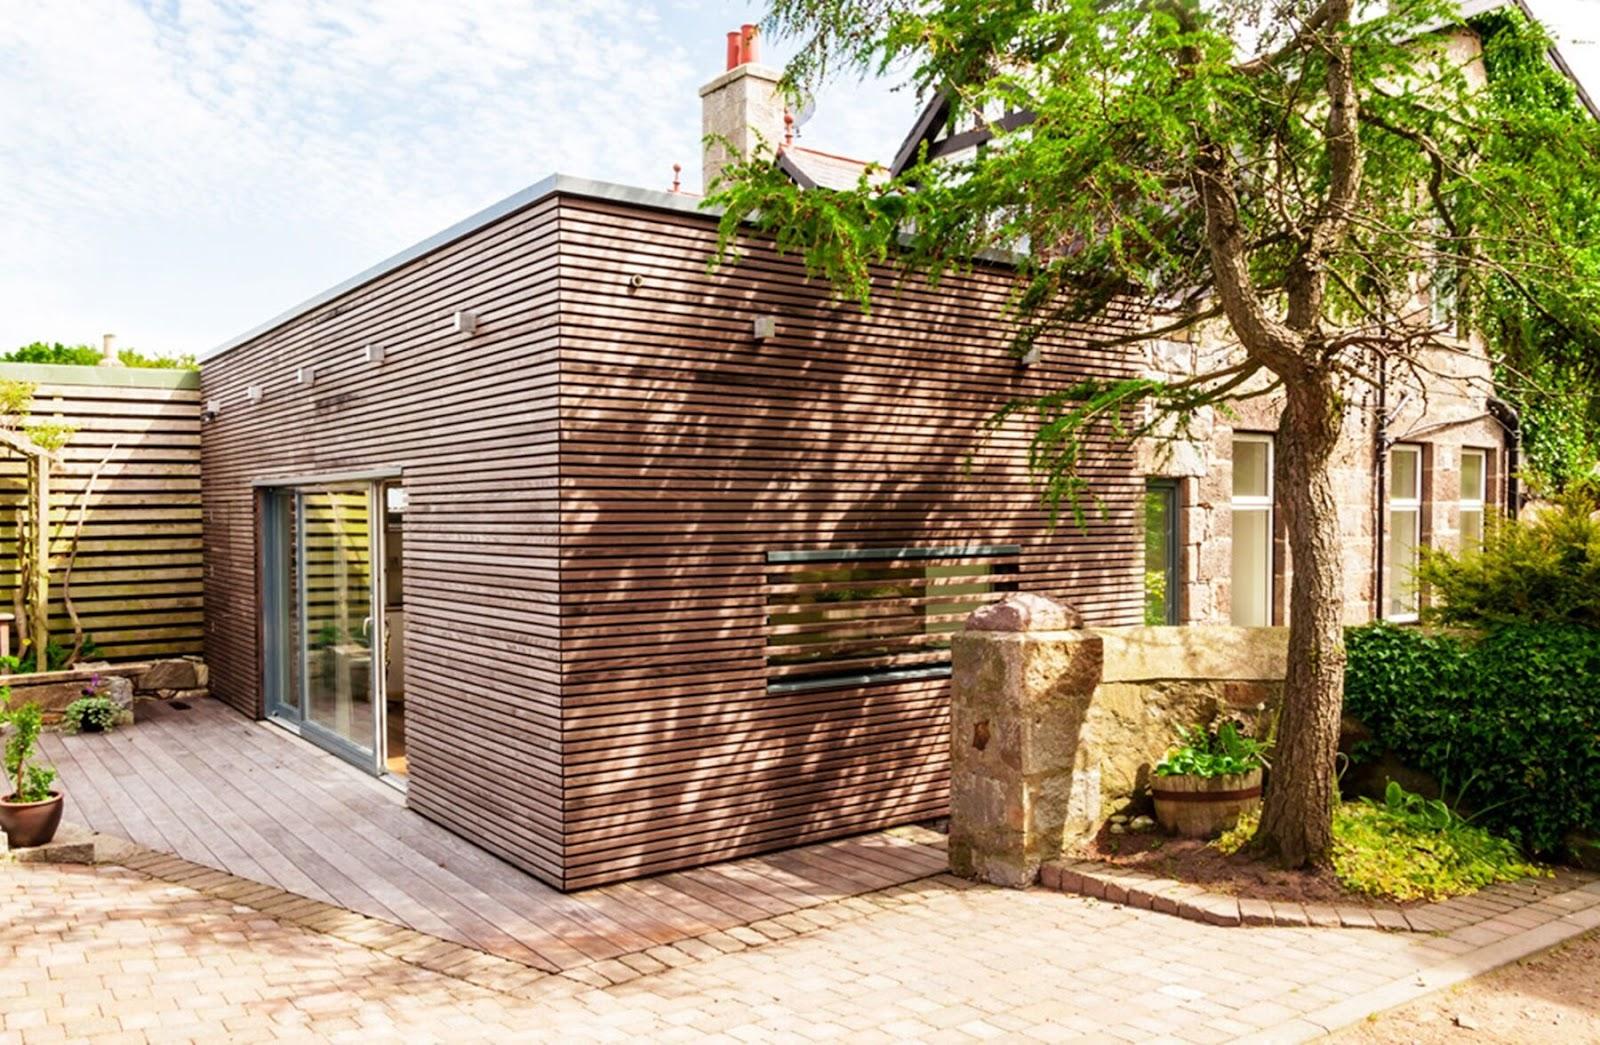 terrassedæk og hus i samme materialer